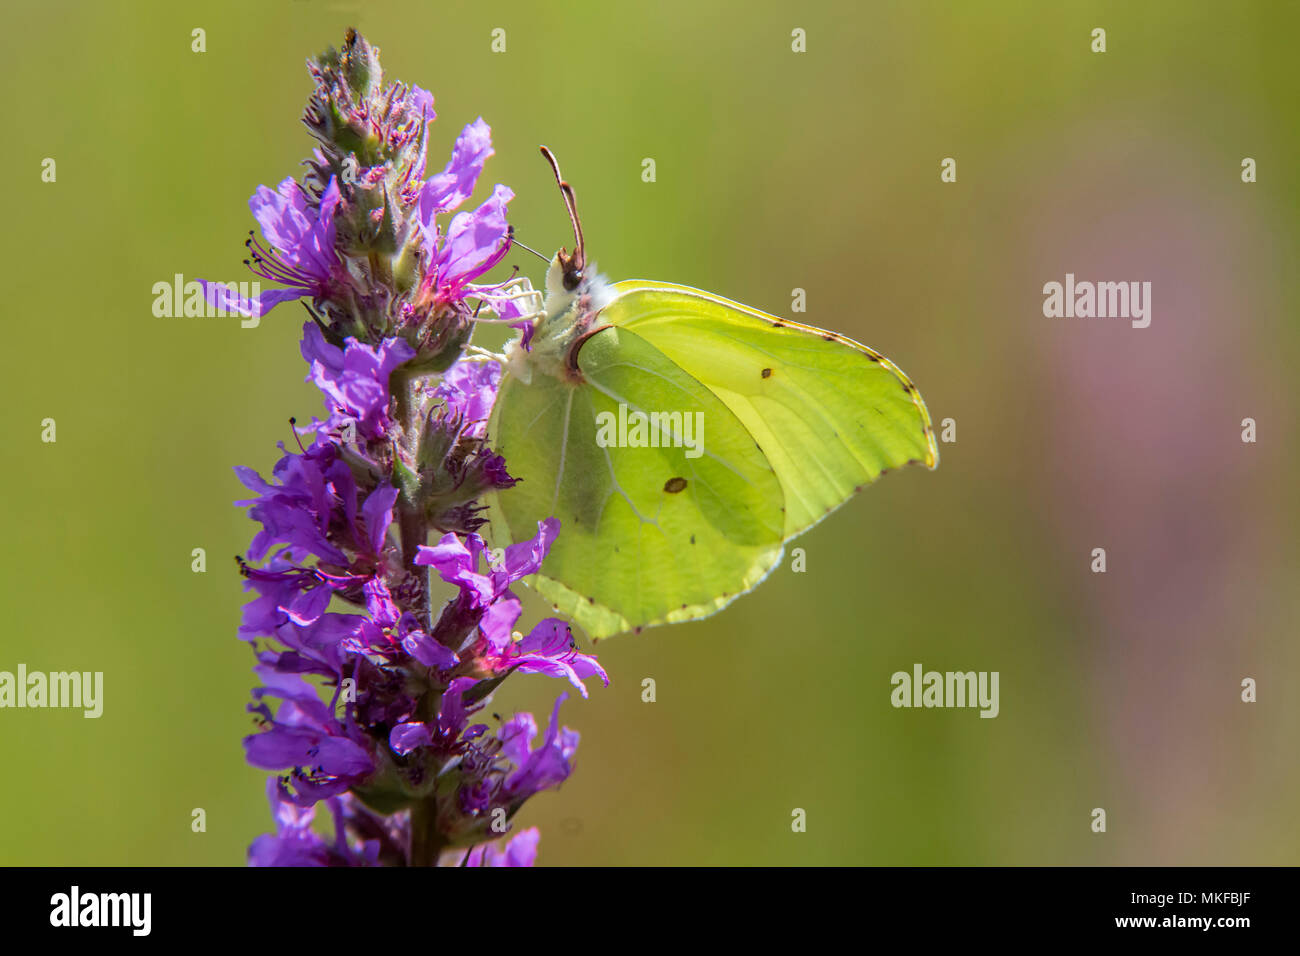 Brimstone (Gonepteryx rhamni) on flower in summer, Forest pond, Massif de la Reine, Lorraine, France Stock Photo